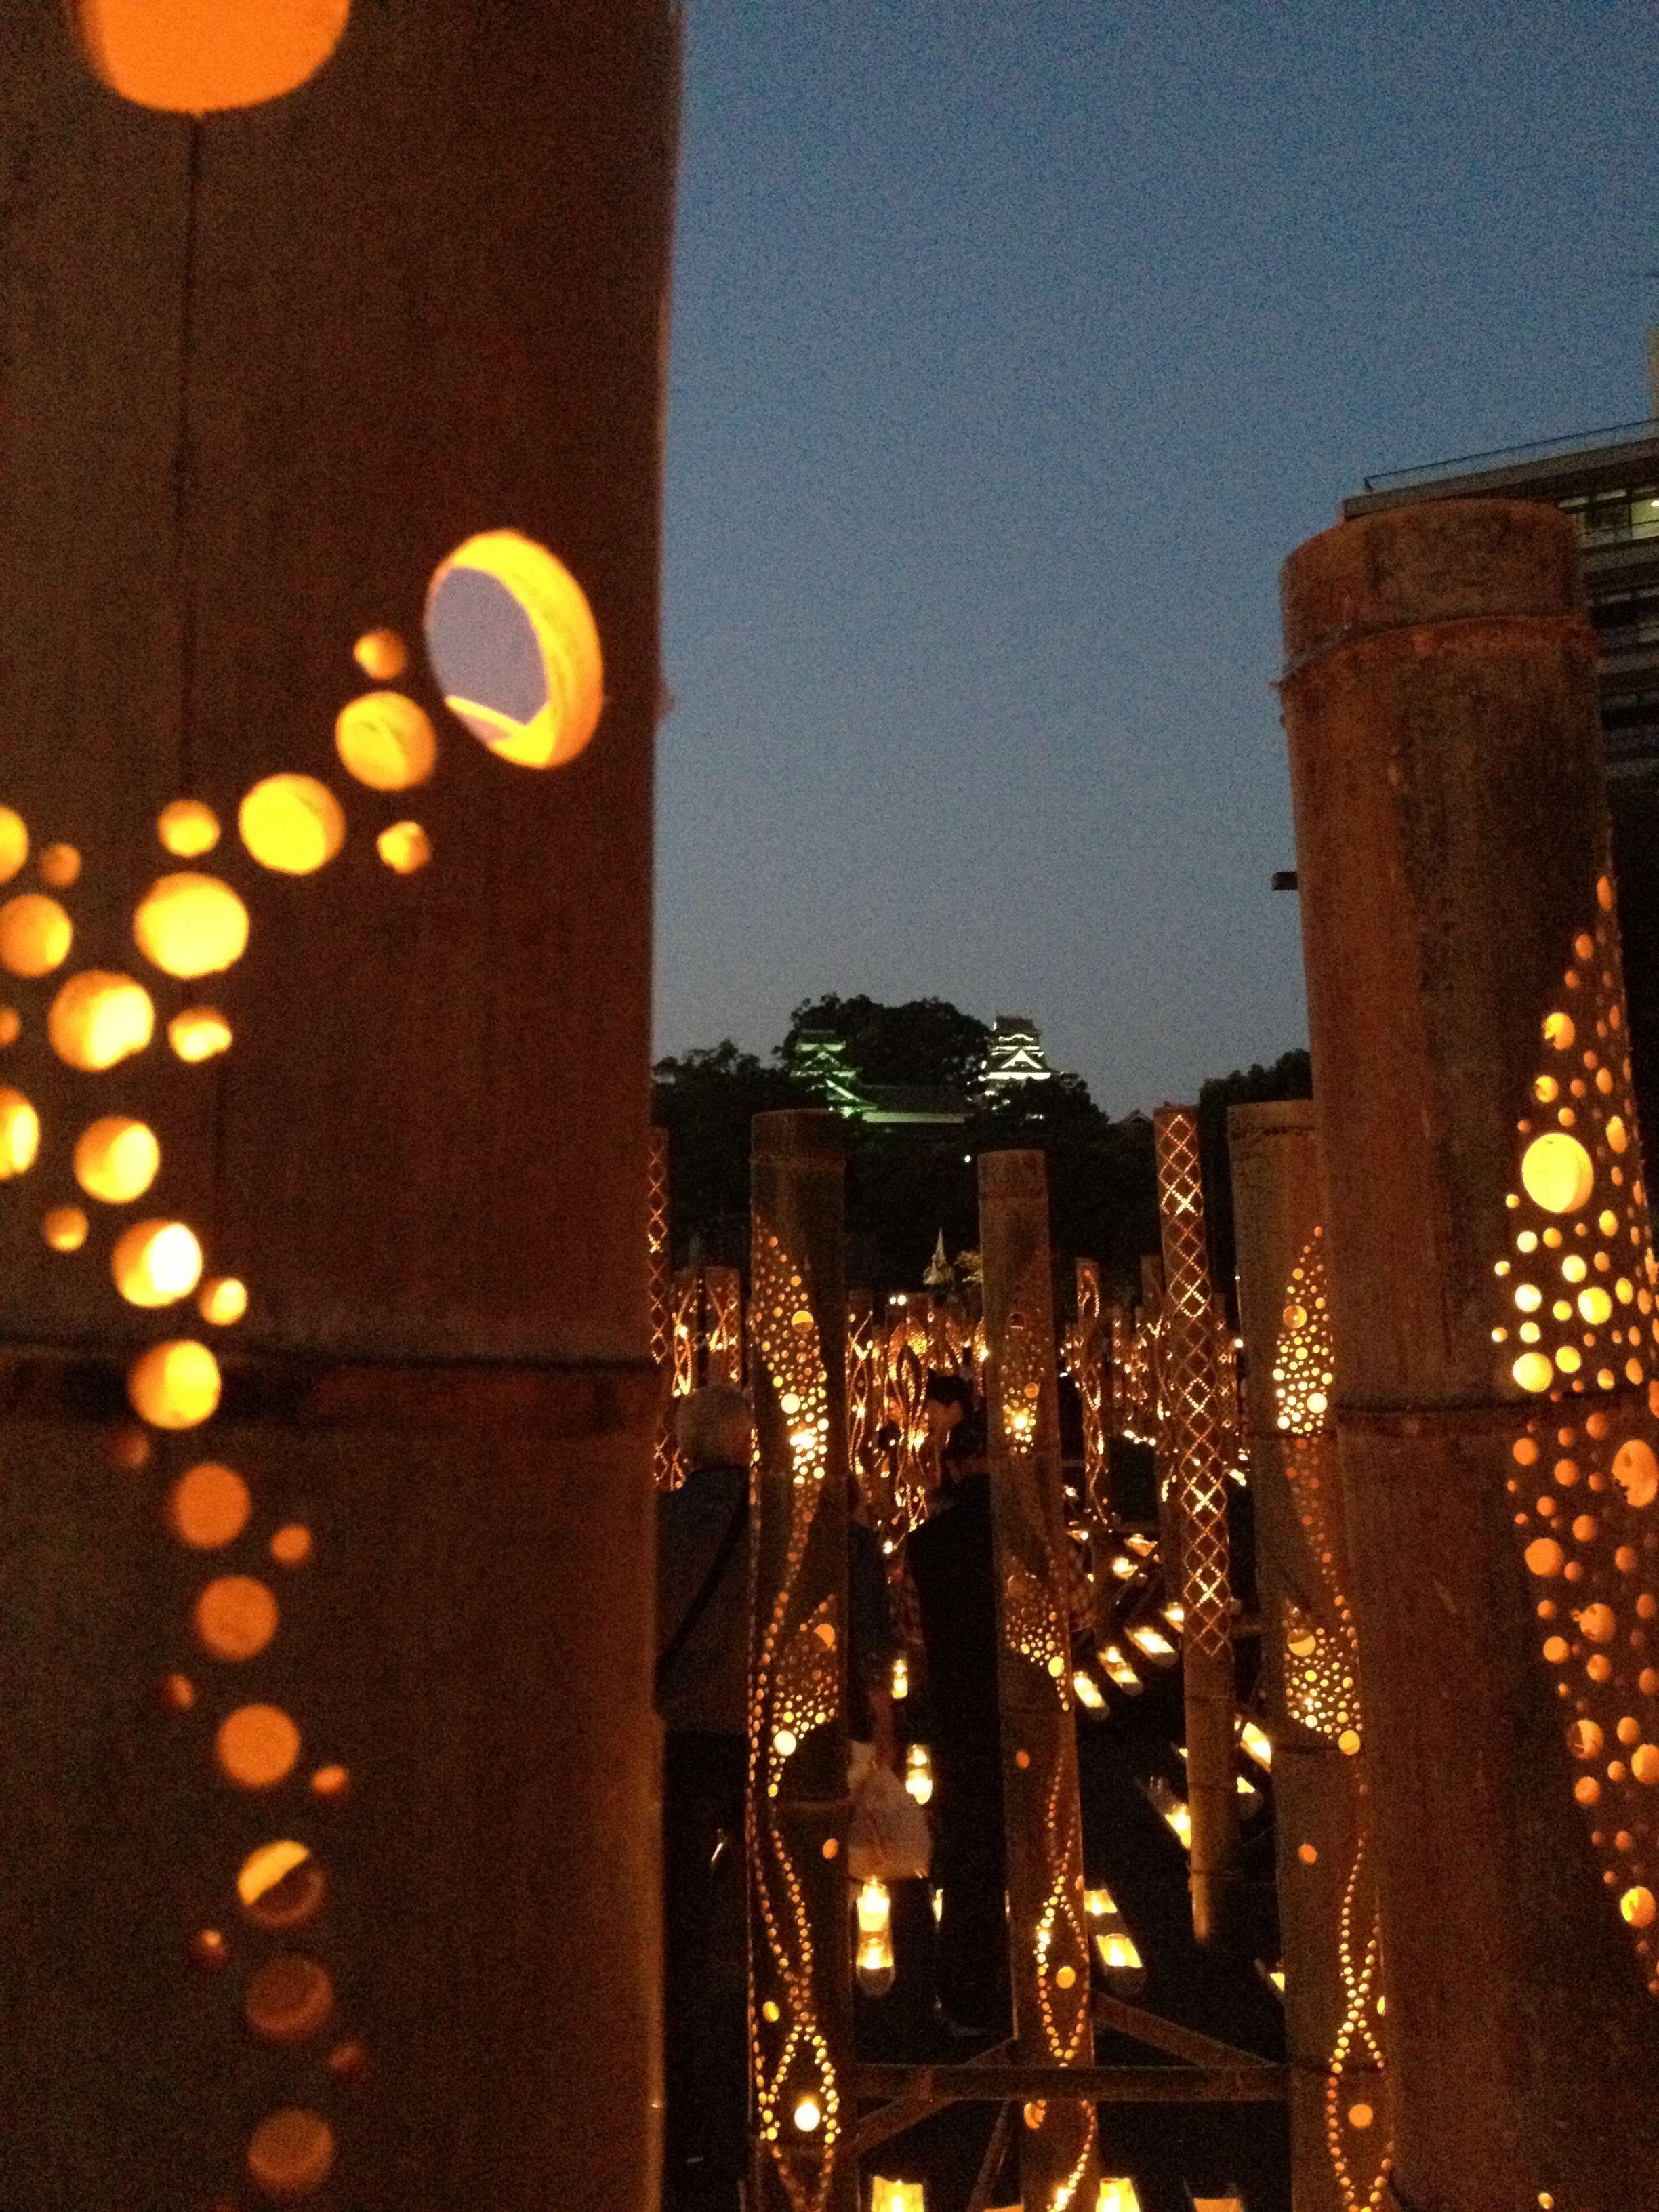 bamboo lights at Omotesando  Lighting Ideas  Pinterest  Lights